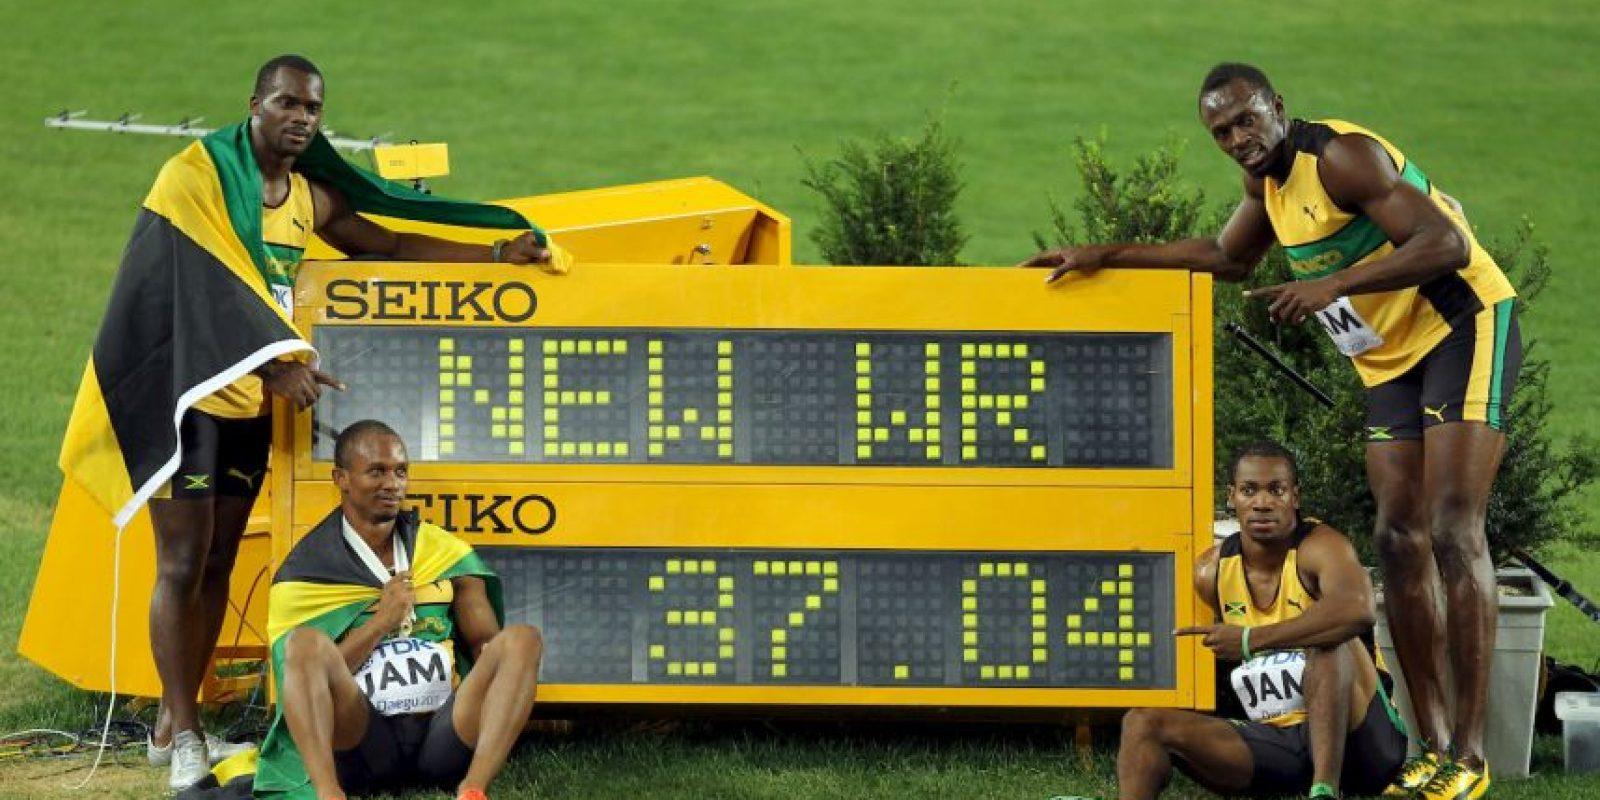 Medalla de Oro en el Mundial de Atletismo 2011 en relevos 4×100 metros. Foto:Getty Images